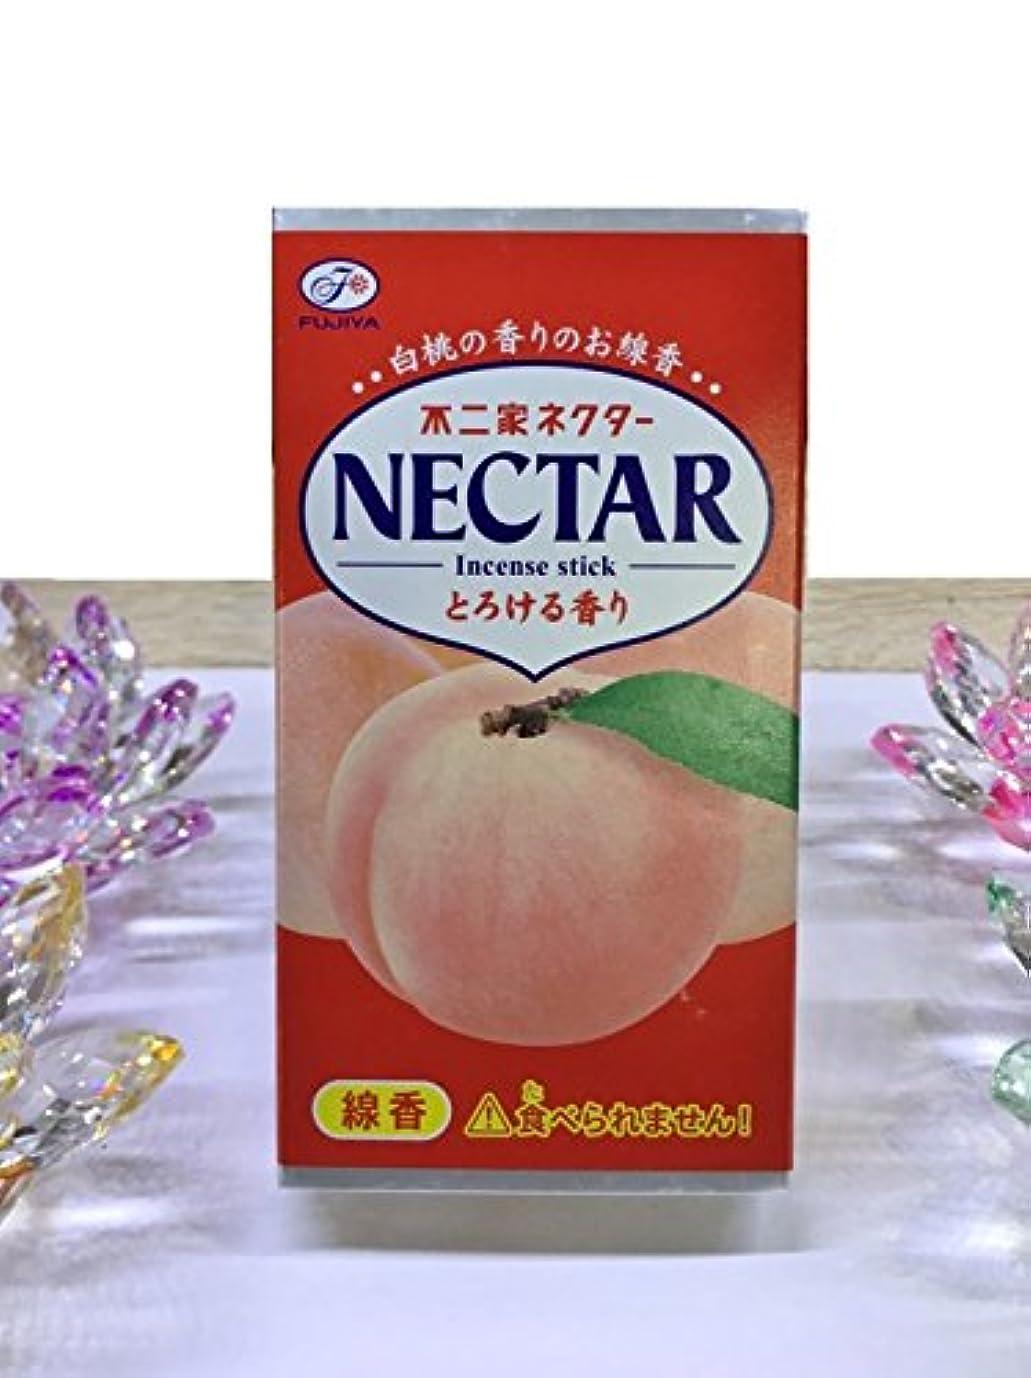 惑星山積みの大宇宙kameyama ミニ寸線香 不二家ネクター 白桃の香りのお線香 とろける香り